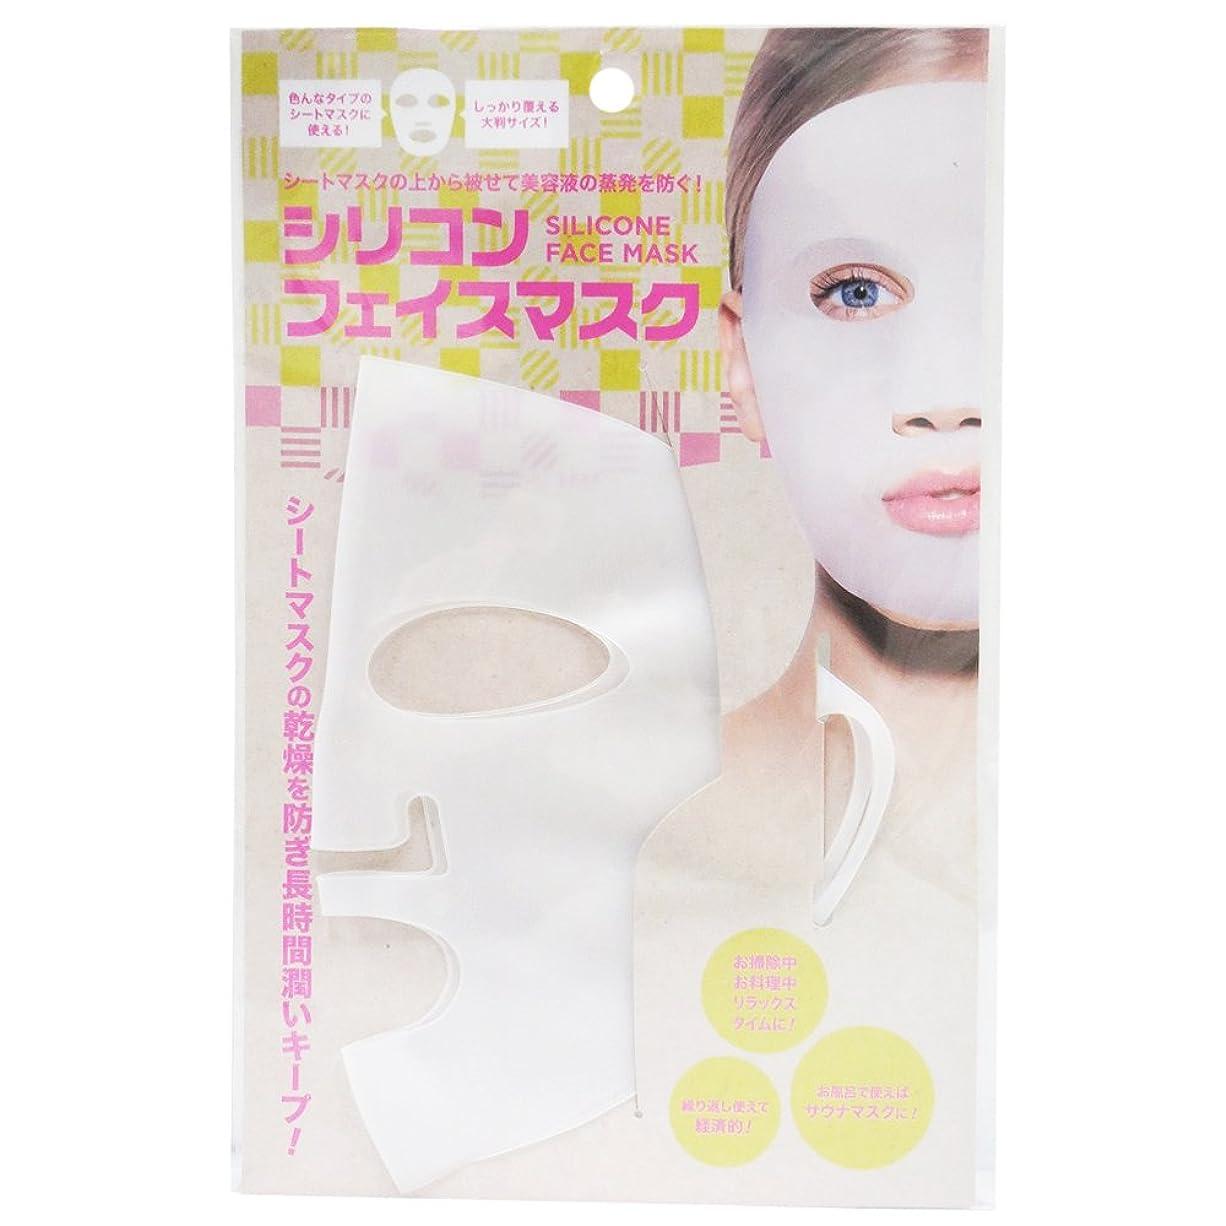 指令脅威列車シリコンフェイスマスク